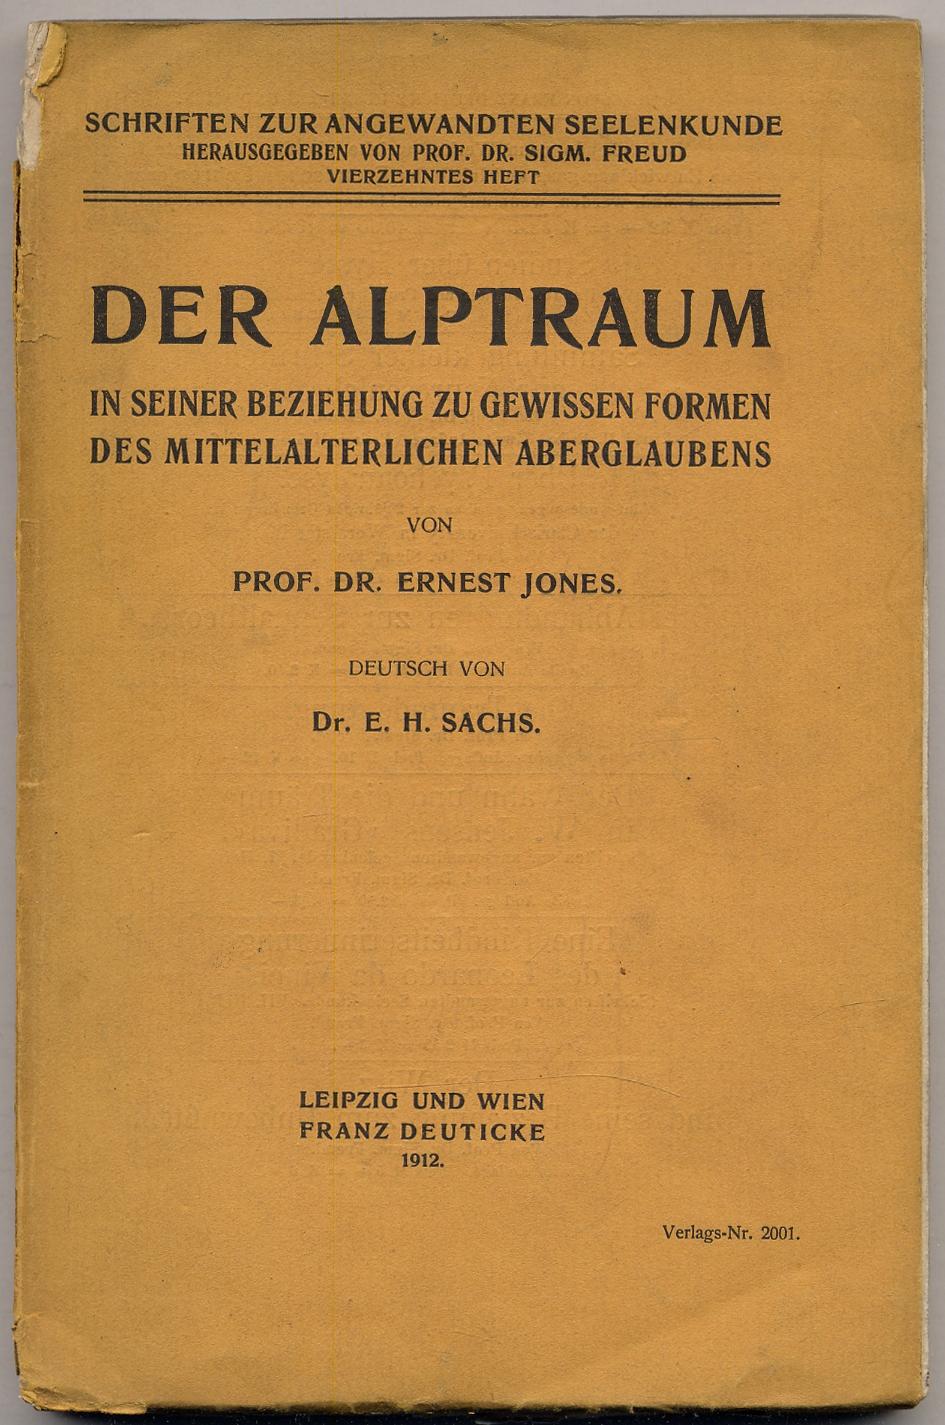 Der Alptraum in seiner beziehung zu gewissen: JONES, Ernest. Translated